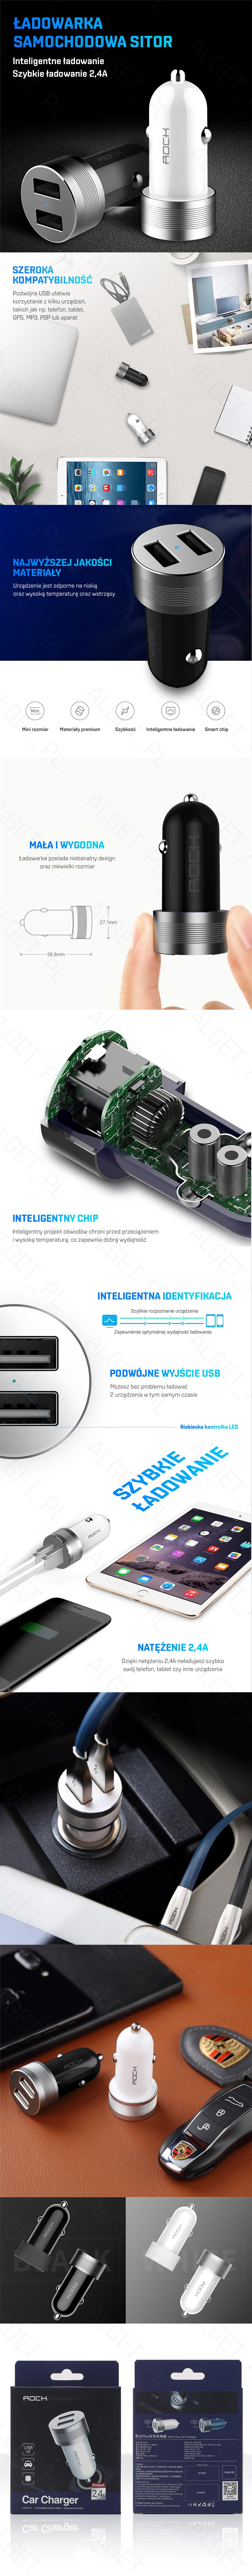 ROCK Sitor PLUS Ładowarka Samochodowa 2x USB 2,4A